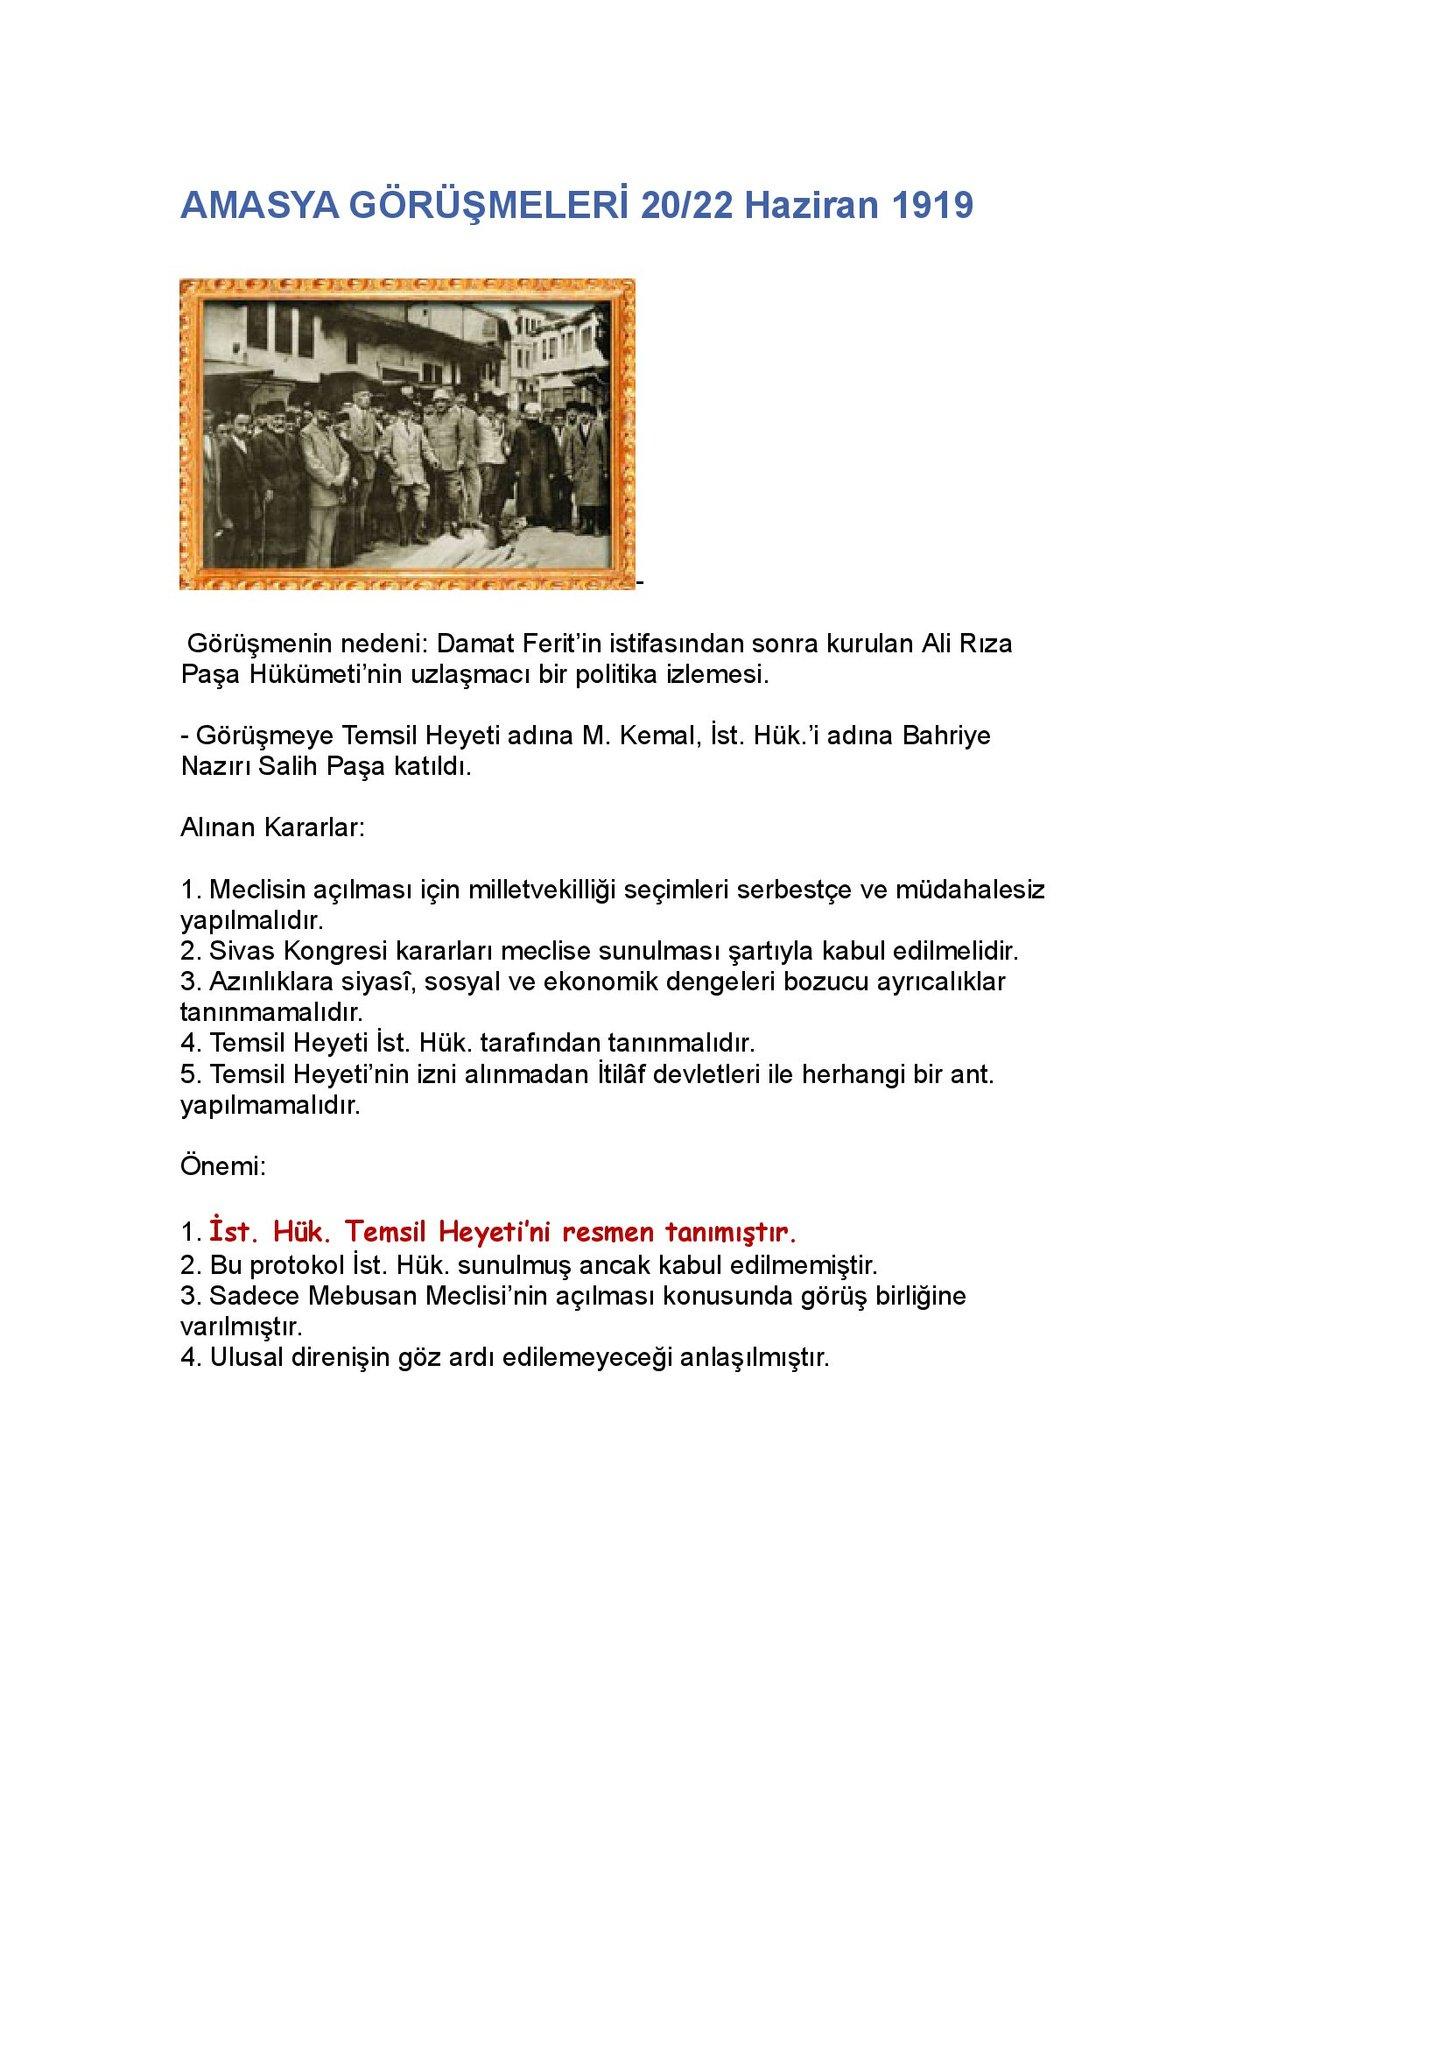 xJg2OY - Tc.ink.tar.ve atatürkçülük konuları ile ilgili tüm soru cevap konular